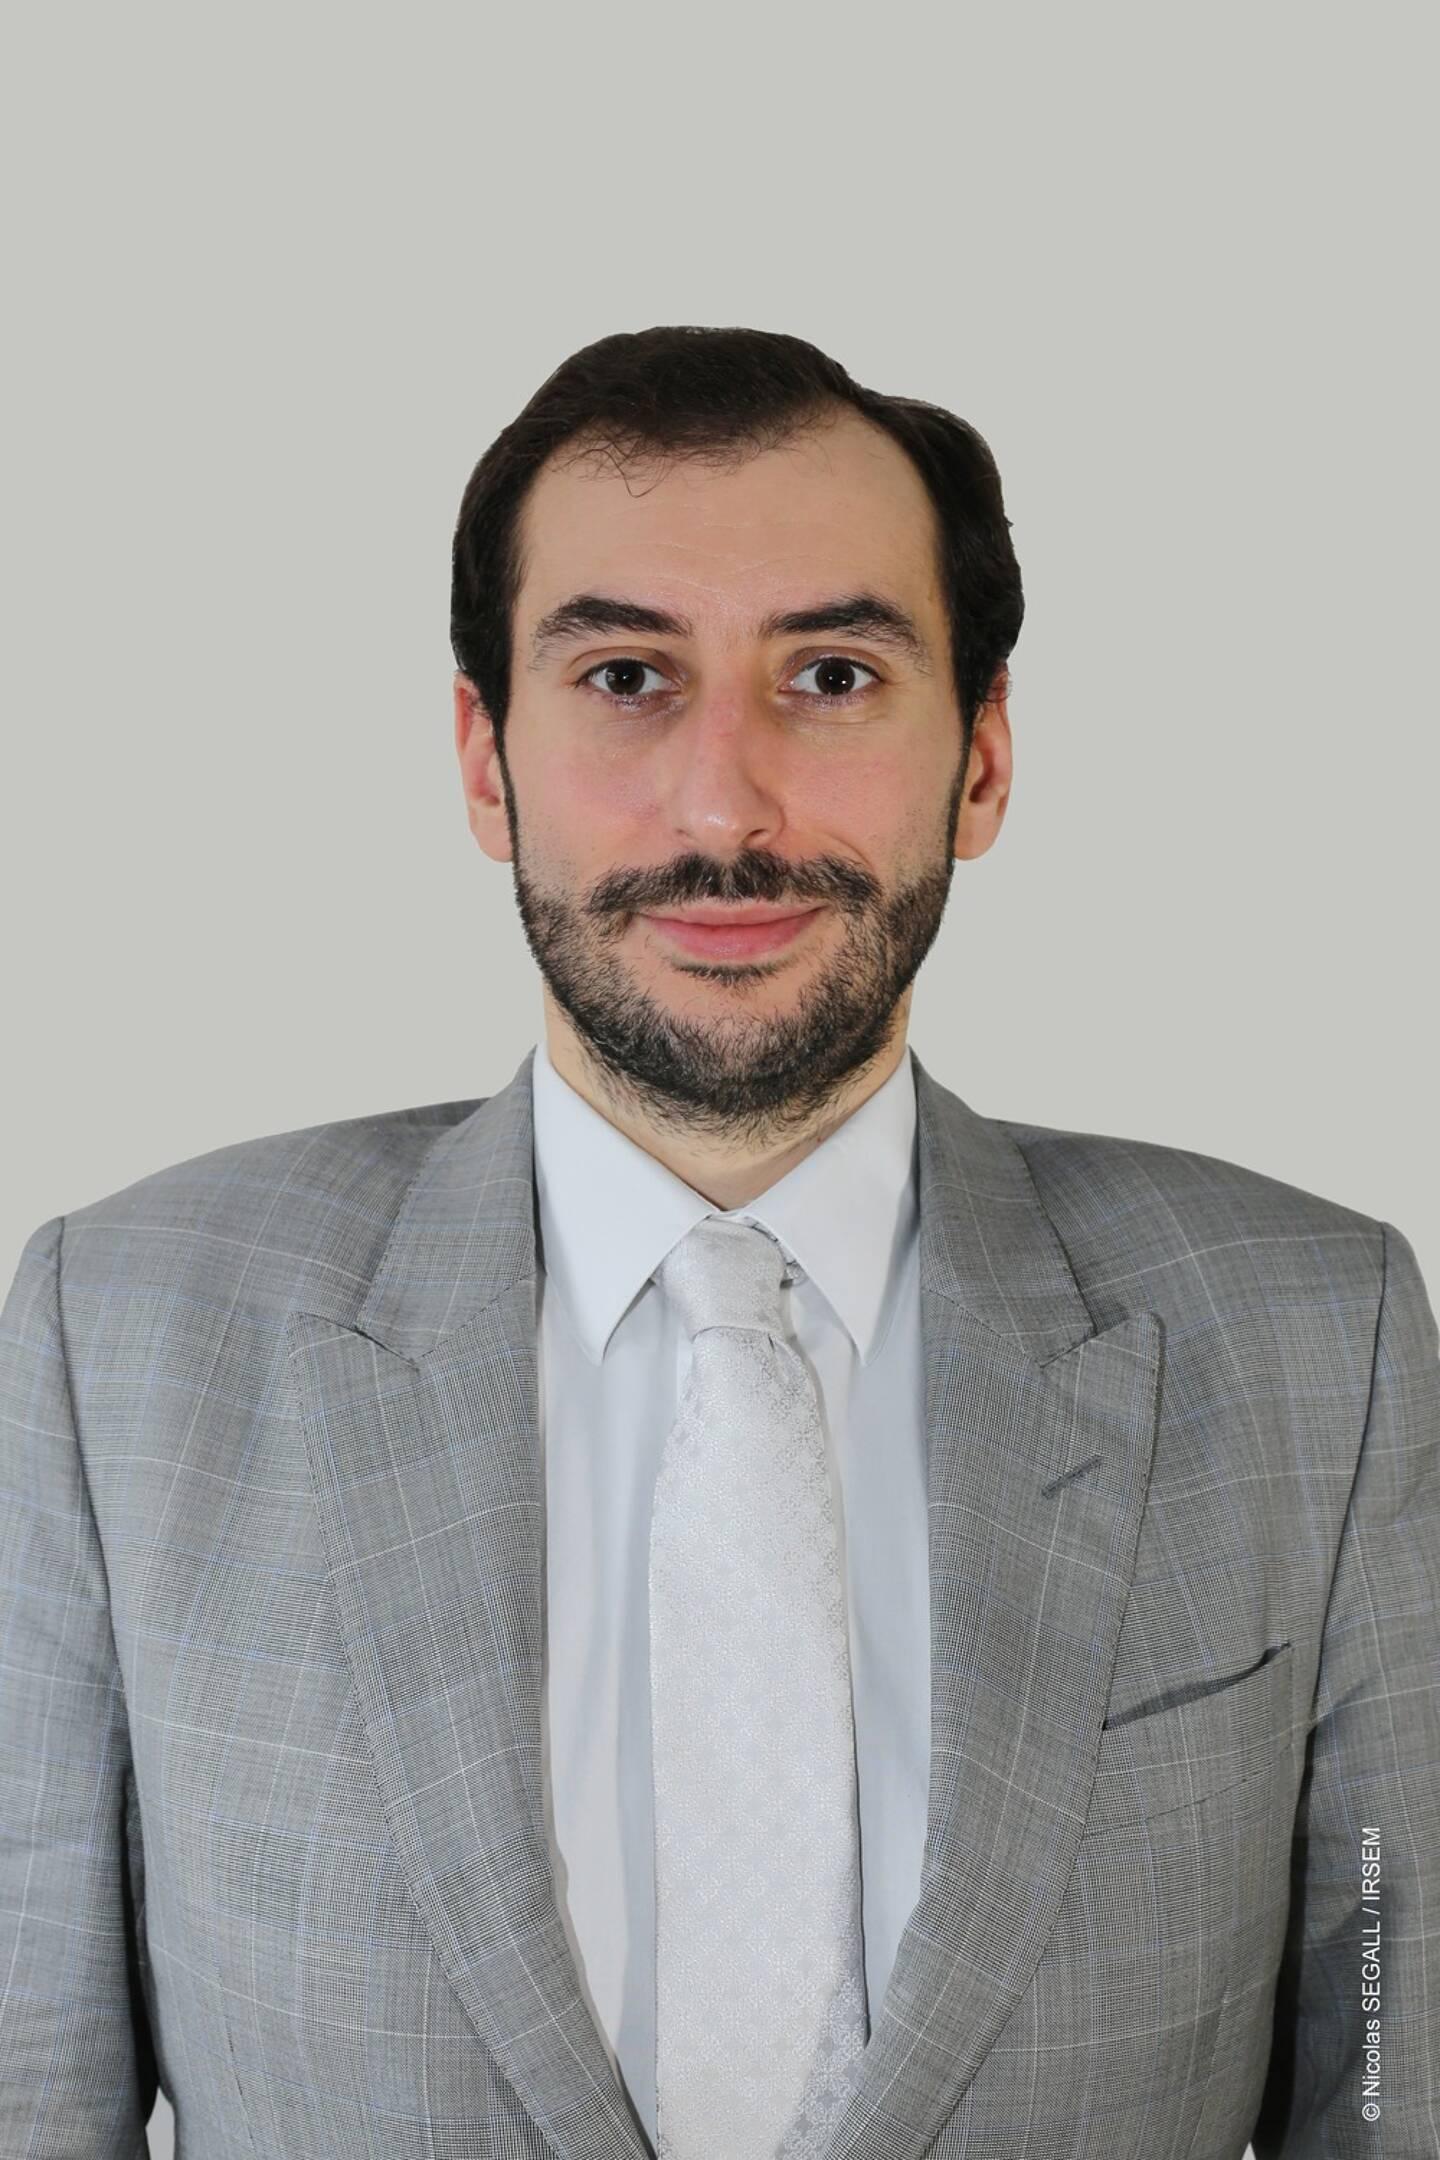 Nicolas Mazzucchi, chargé de recherches à la Fondation pour la recherche stratégique, responsable notamment des questions d'énergies et de matières premières.